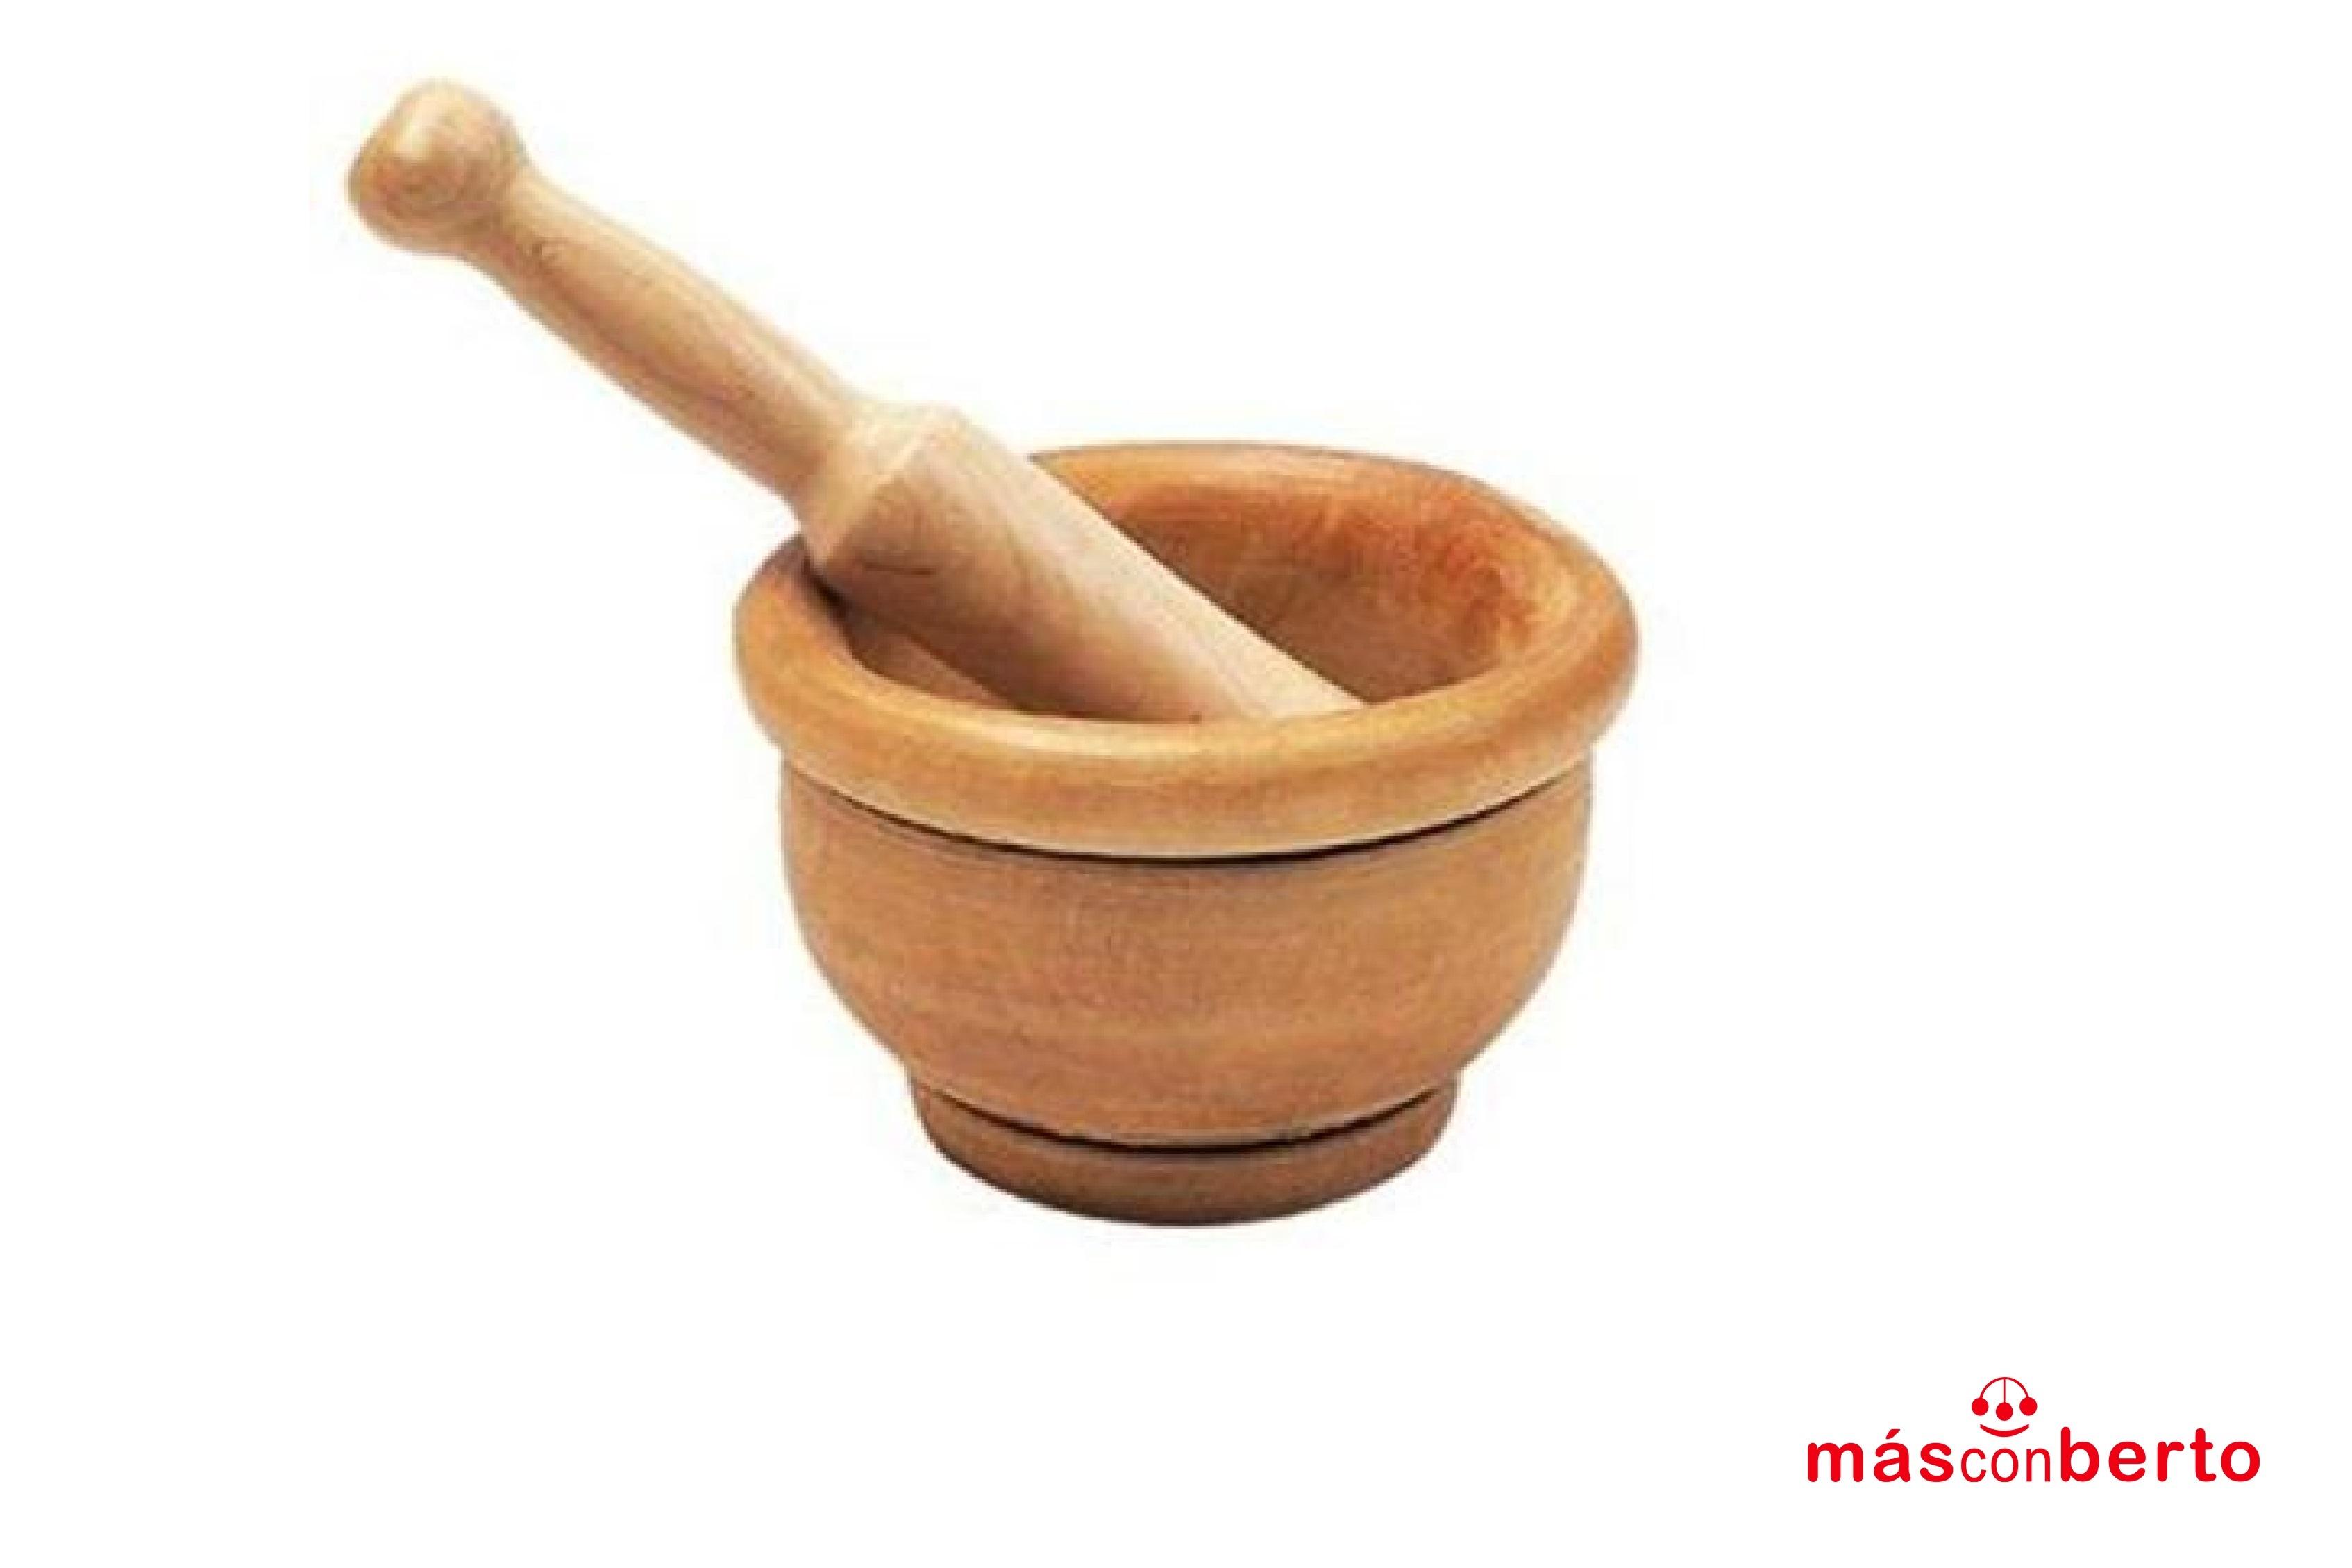 Mortero madera con mango...